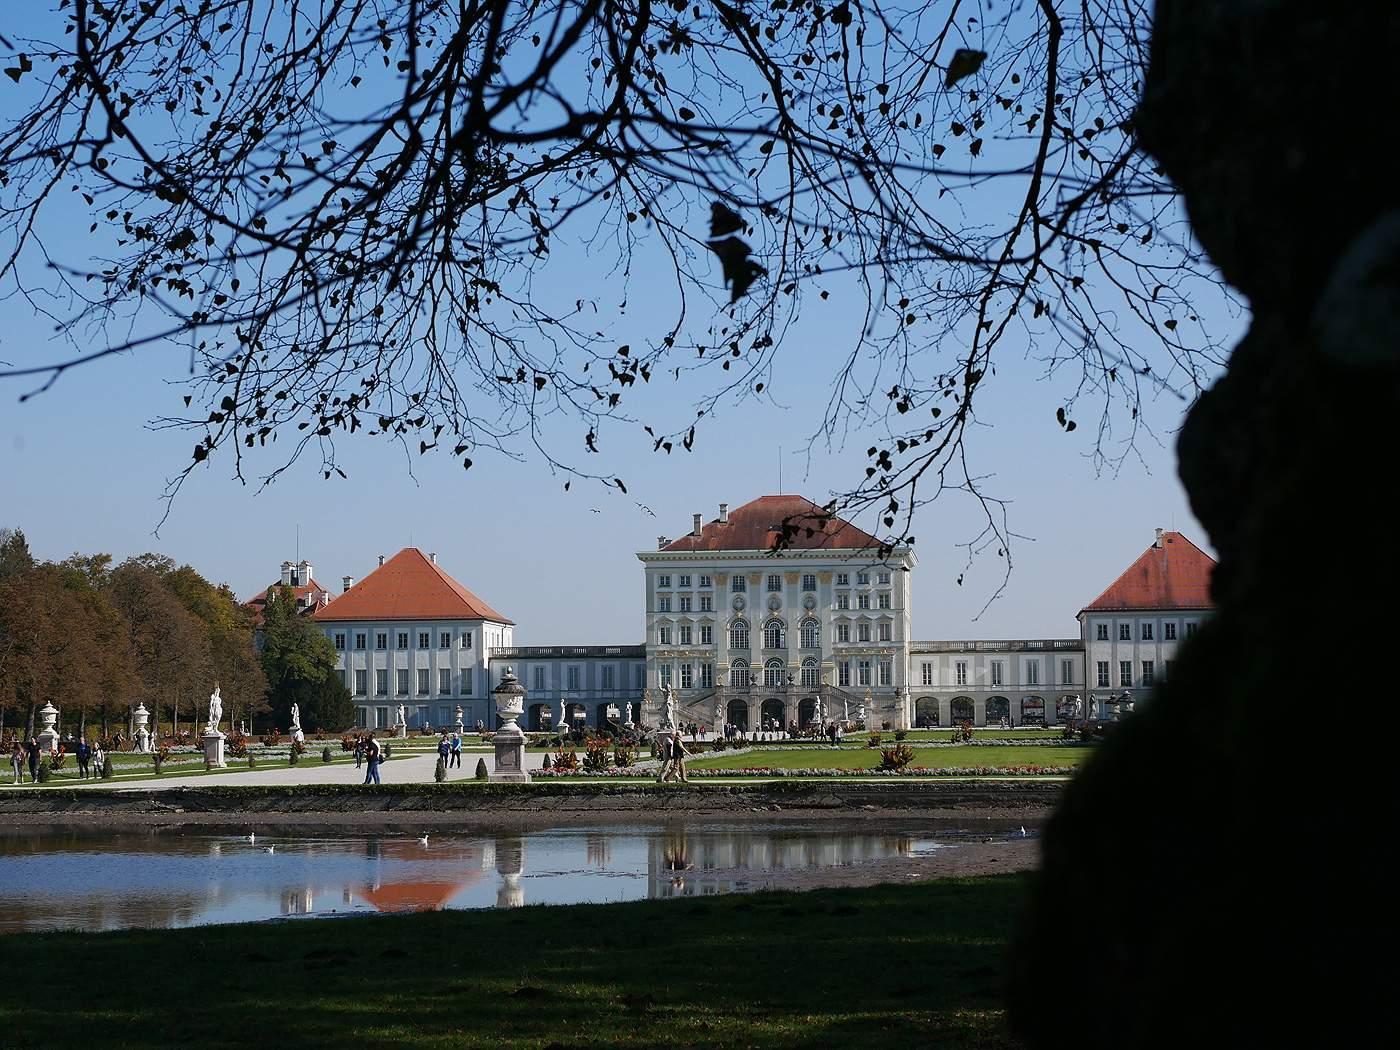 englischer garten munchen parken frisch bayerische schlosserverwaltung of englischer garten munchen parken